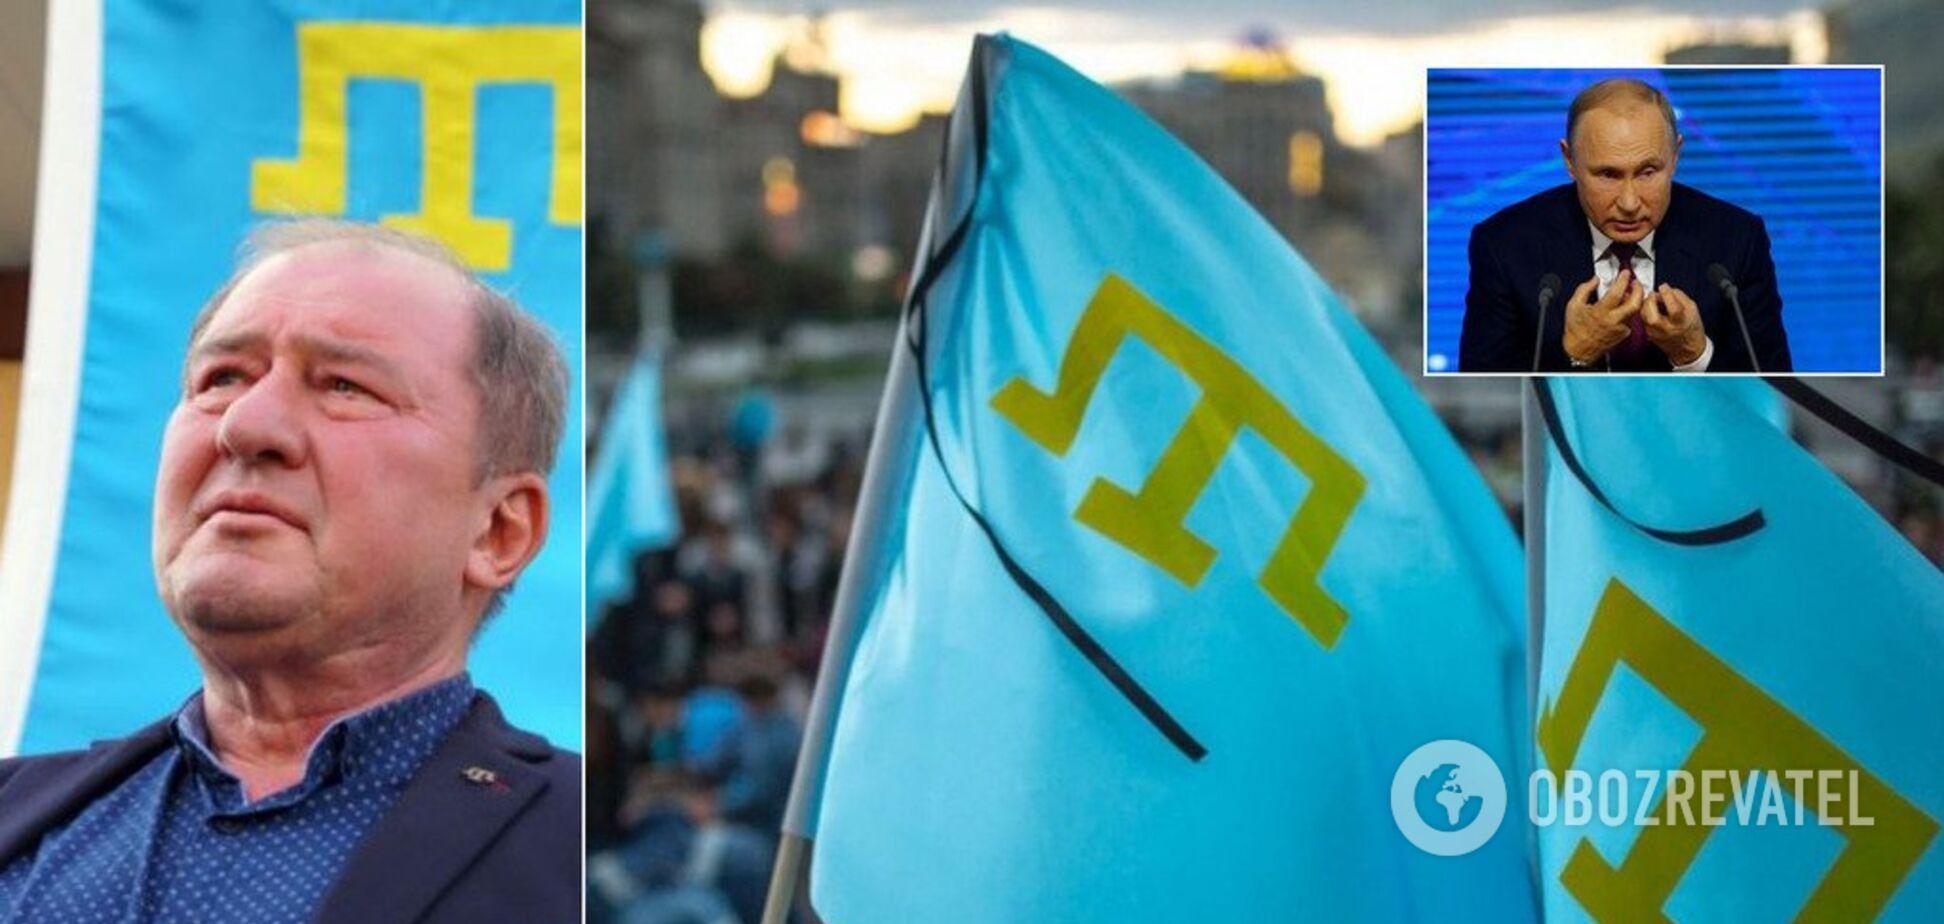 Путин хочет искоренить крымских татар, но мы ему не позволим – Умеров